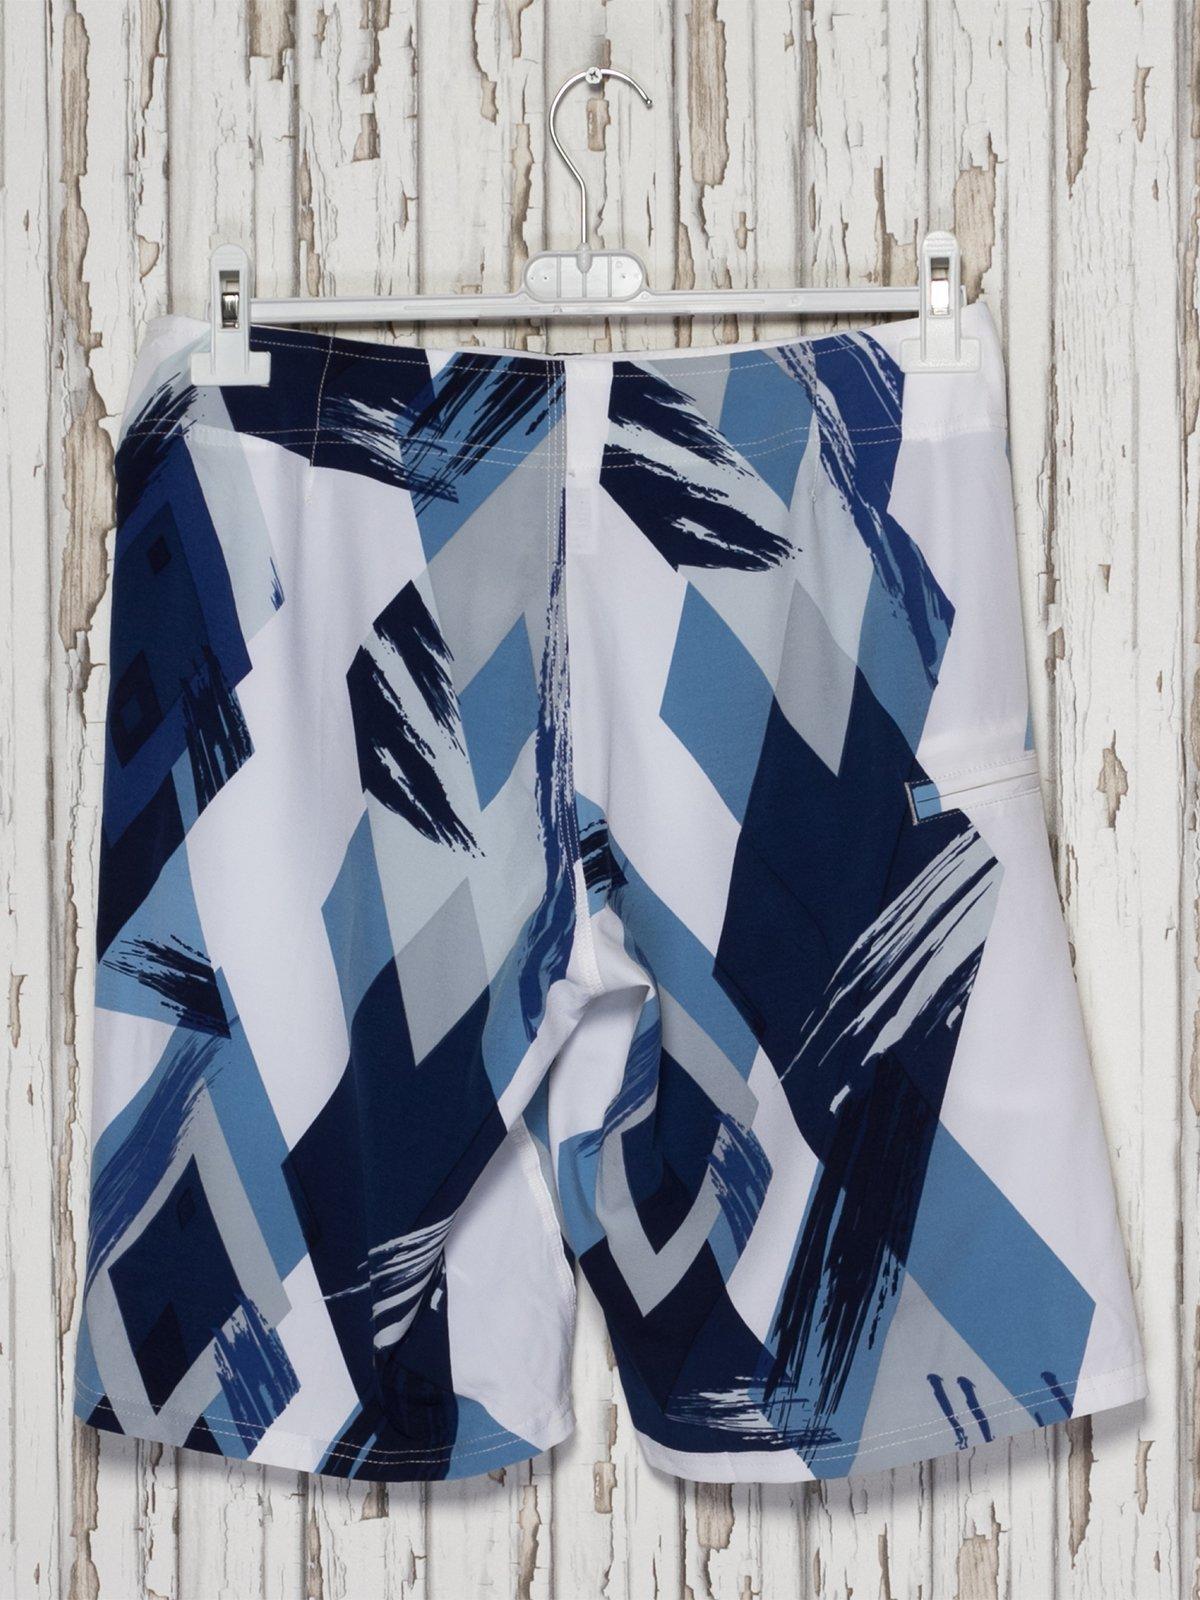 Шорти синьо-білі купальні | 2290032 | фото 2